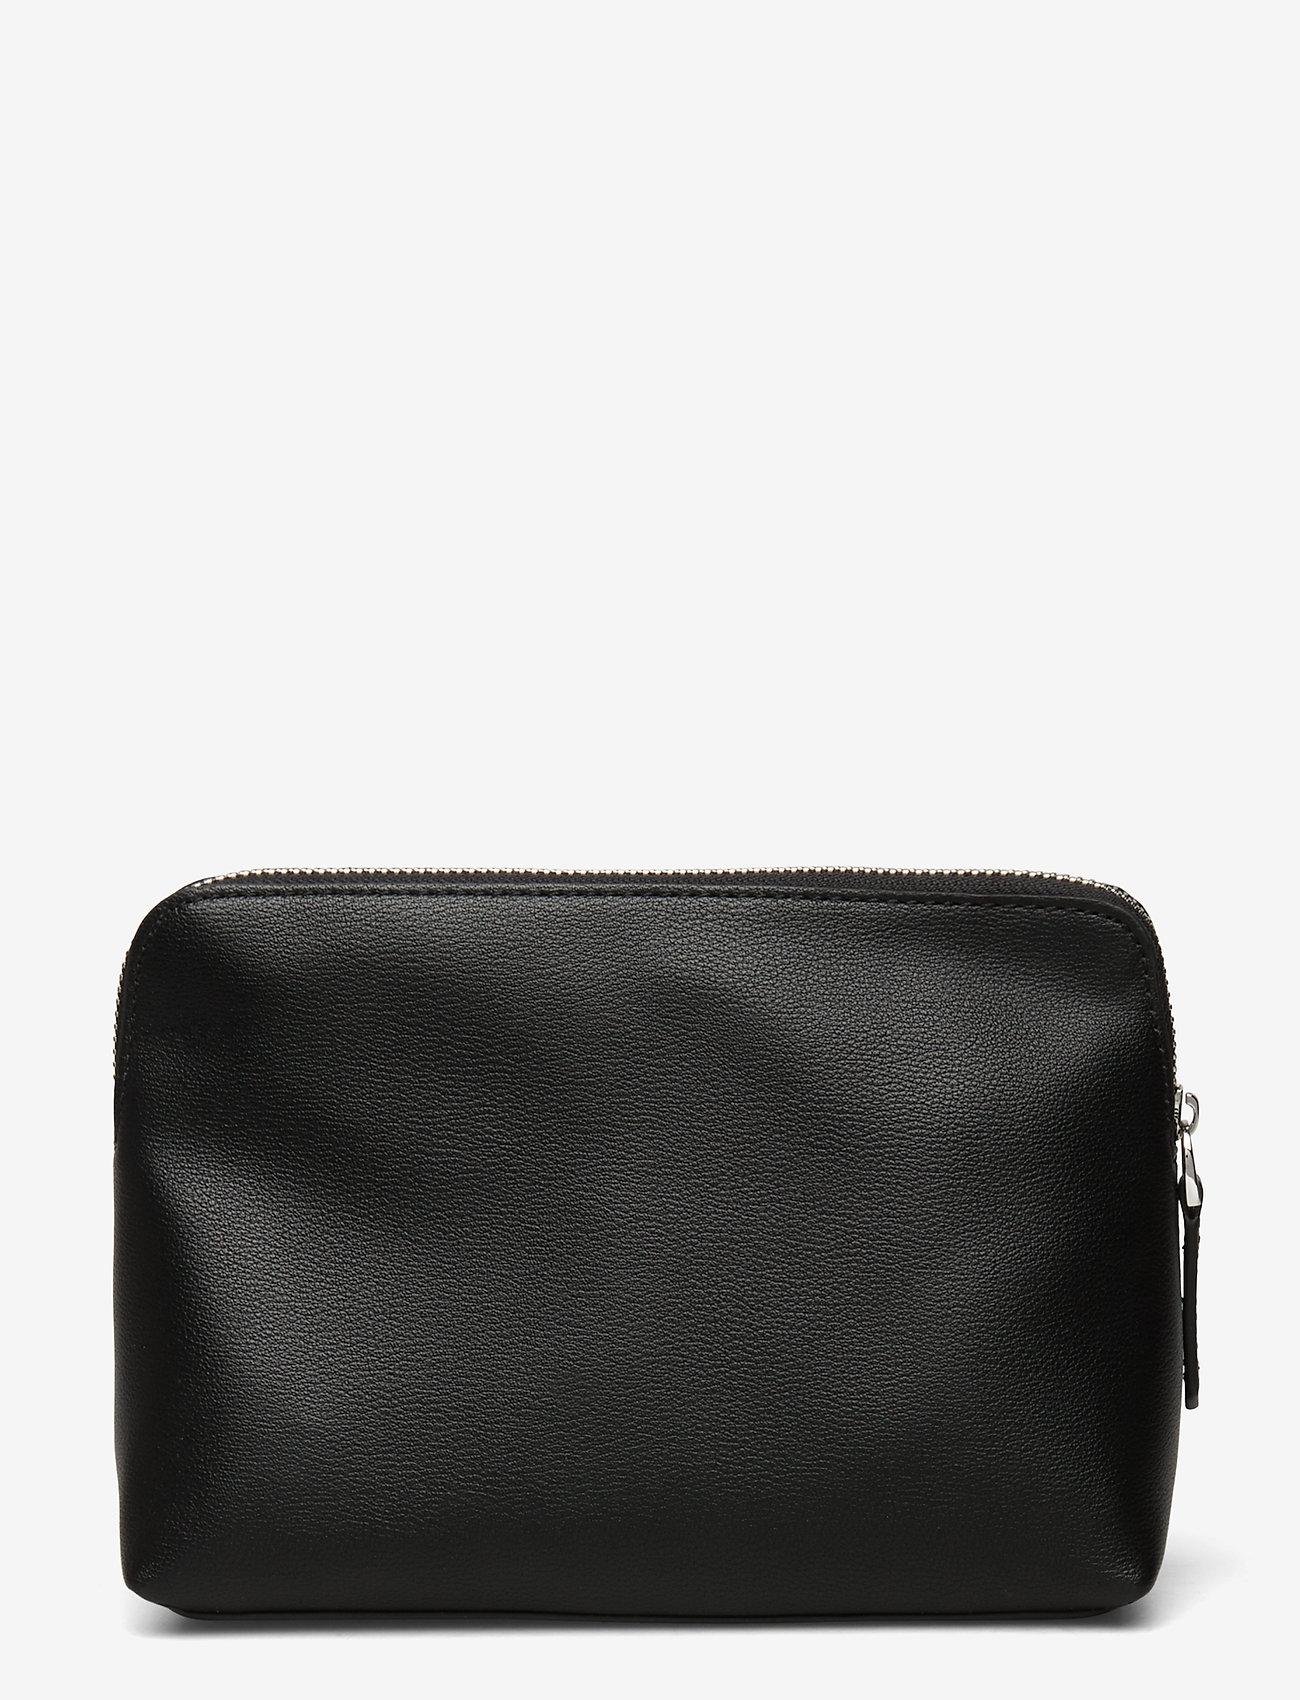 Calvin Klein - NY SHAPED WASHBAG - torby kosmetyczne - black - 1